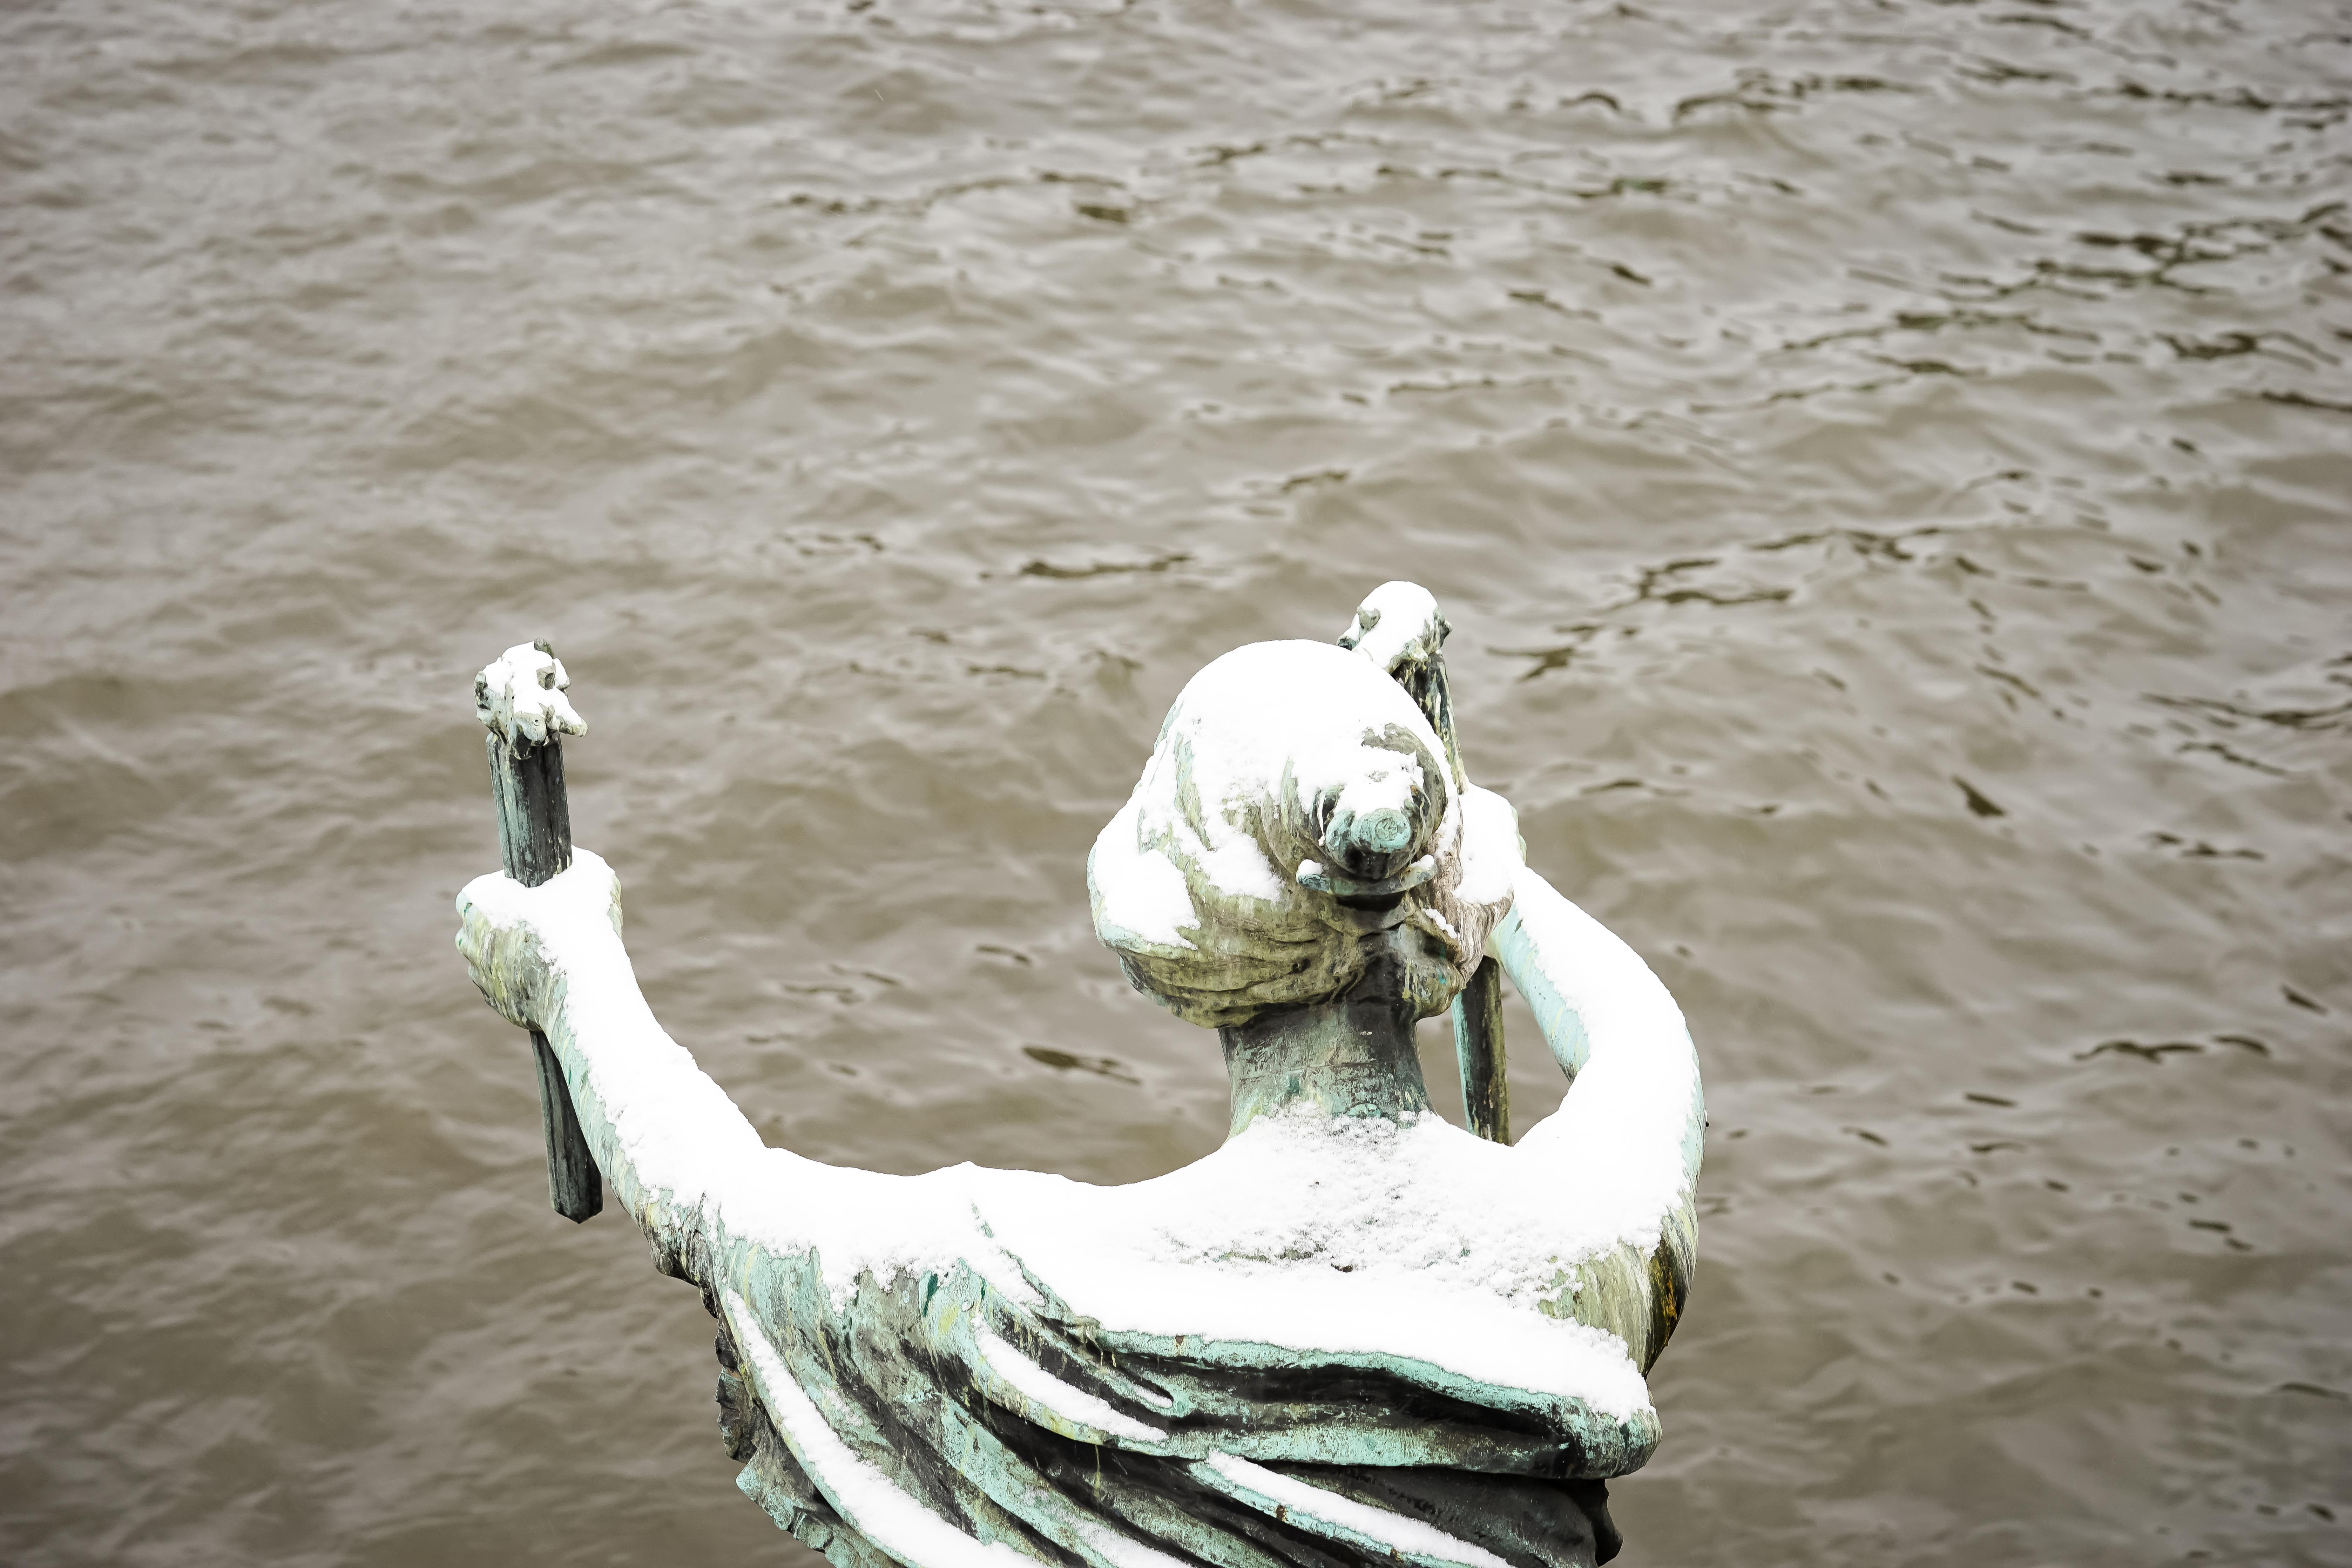 Statue am Wasser in Prag